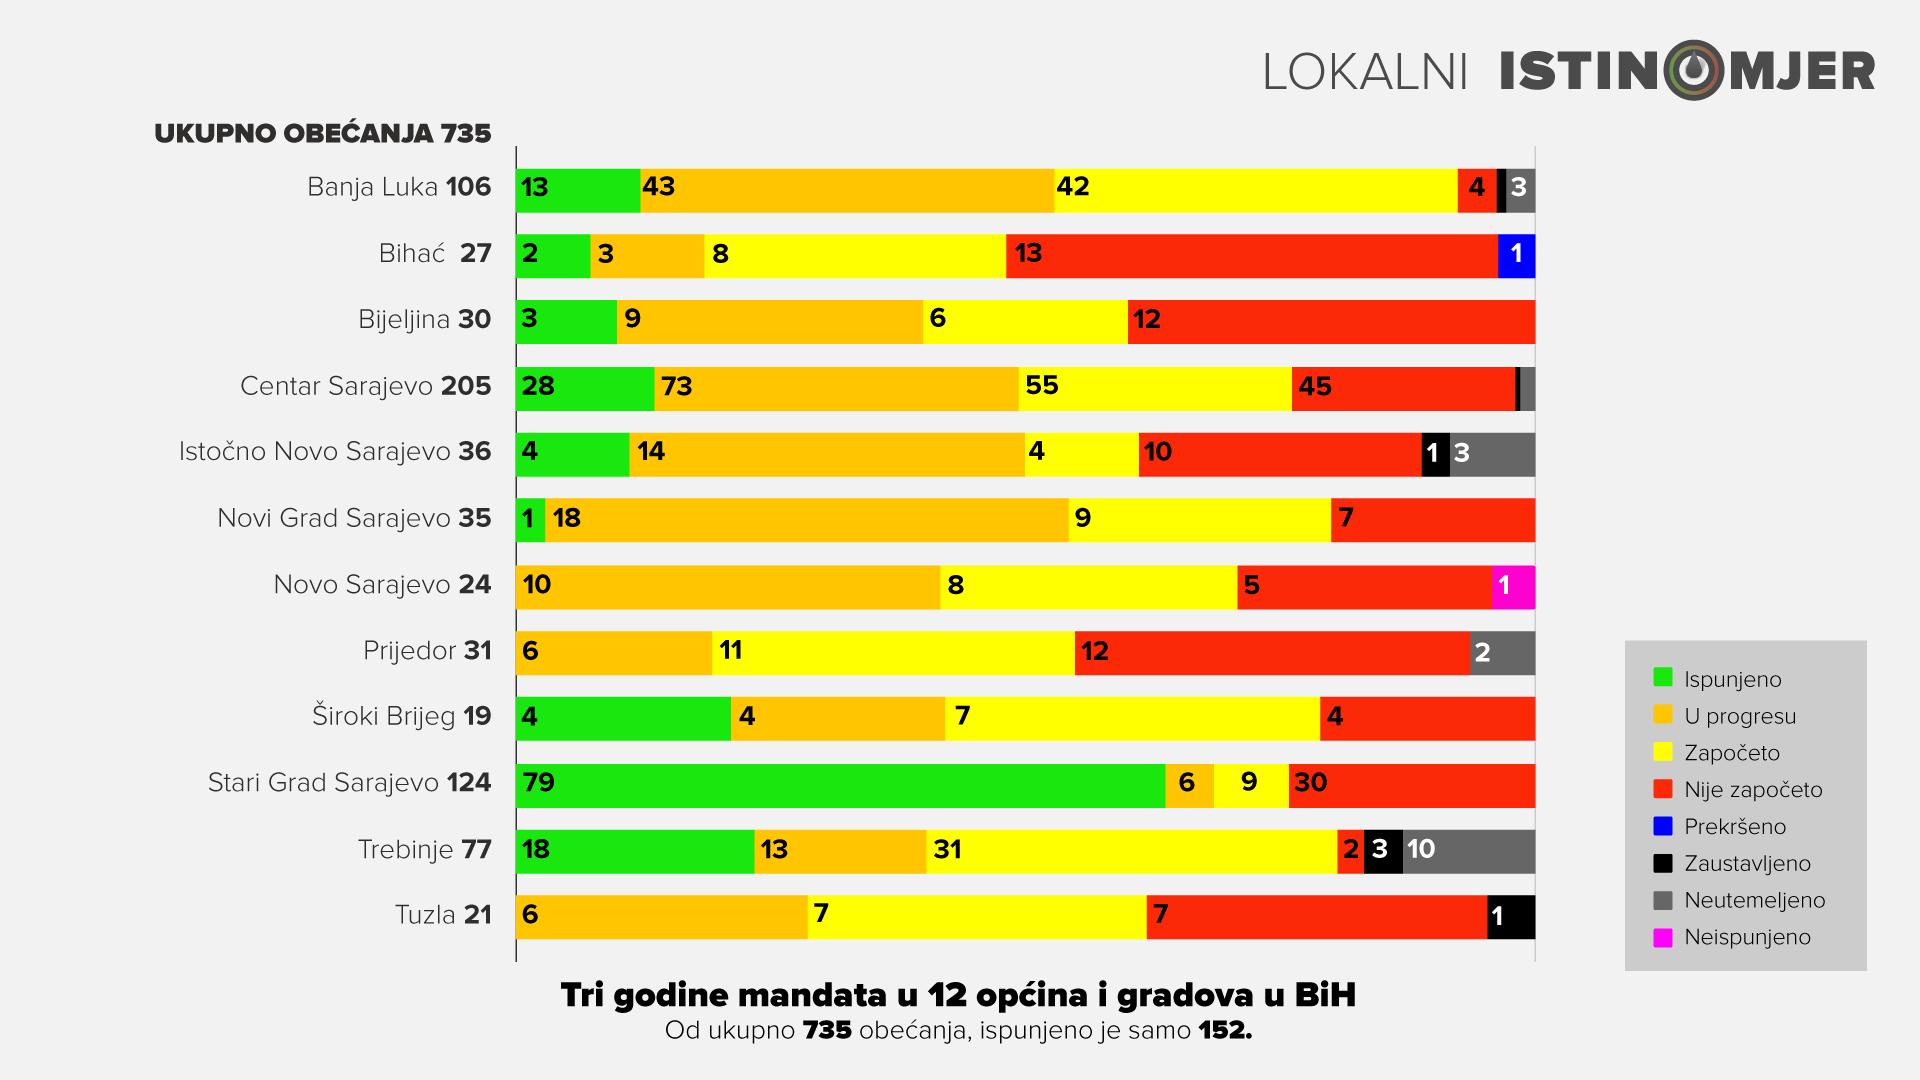 lokalni-istinomjer_tri-godine-mandata__final.png